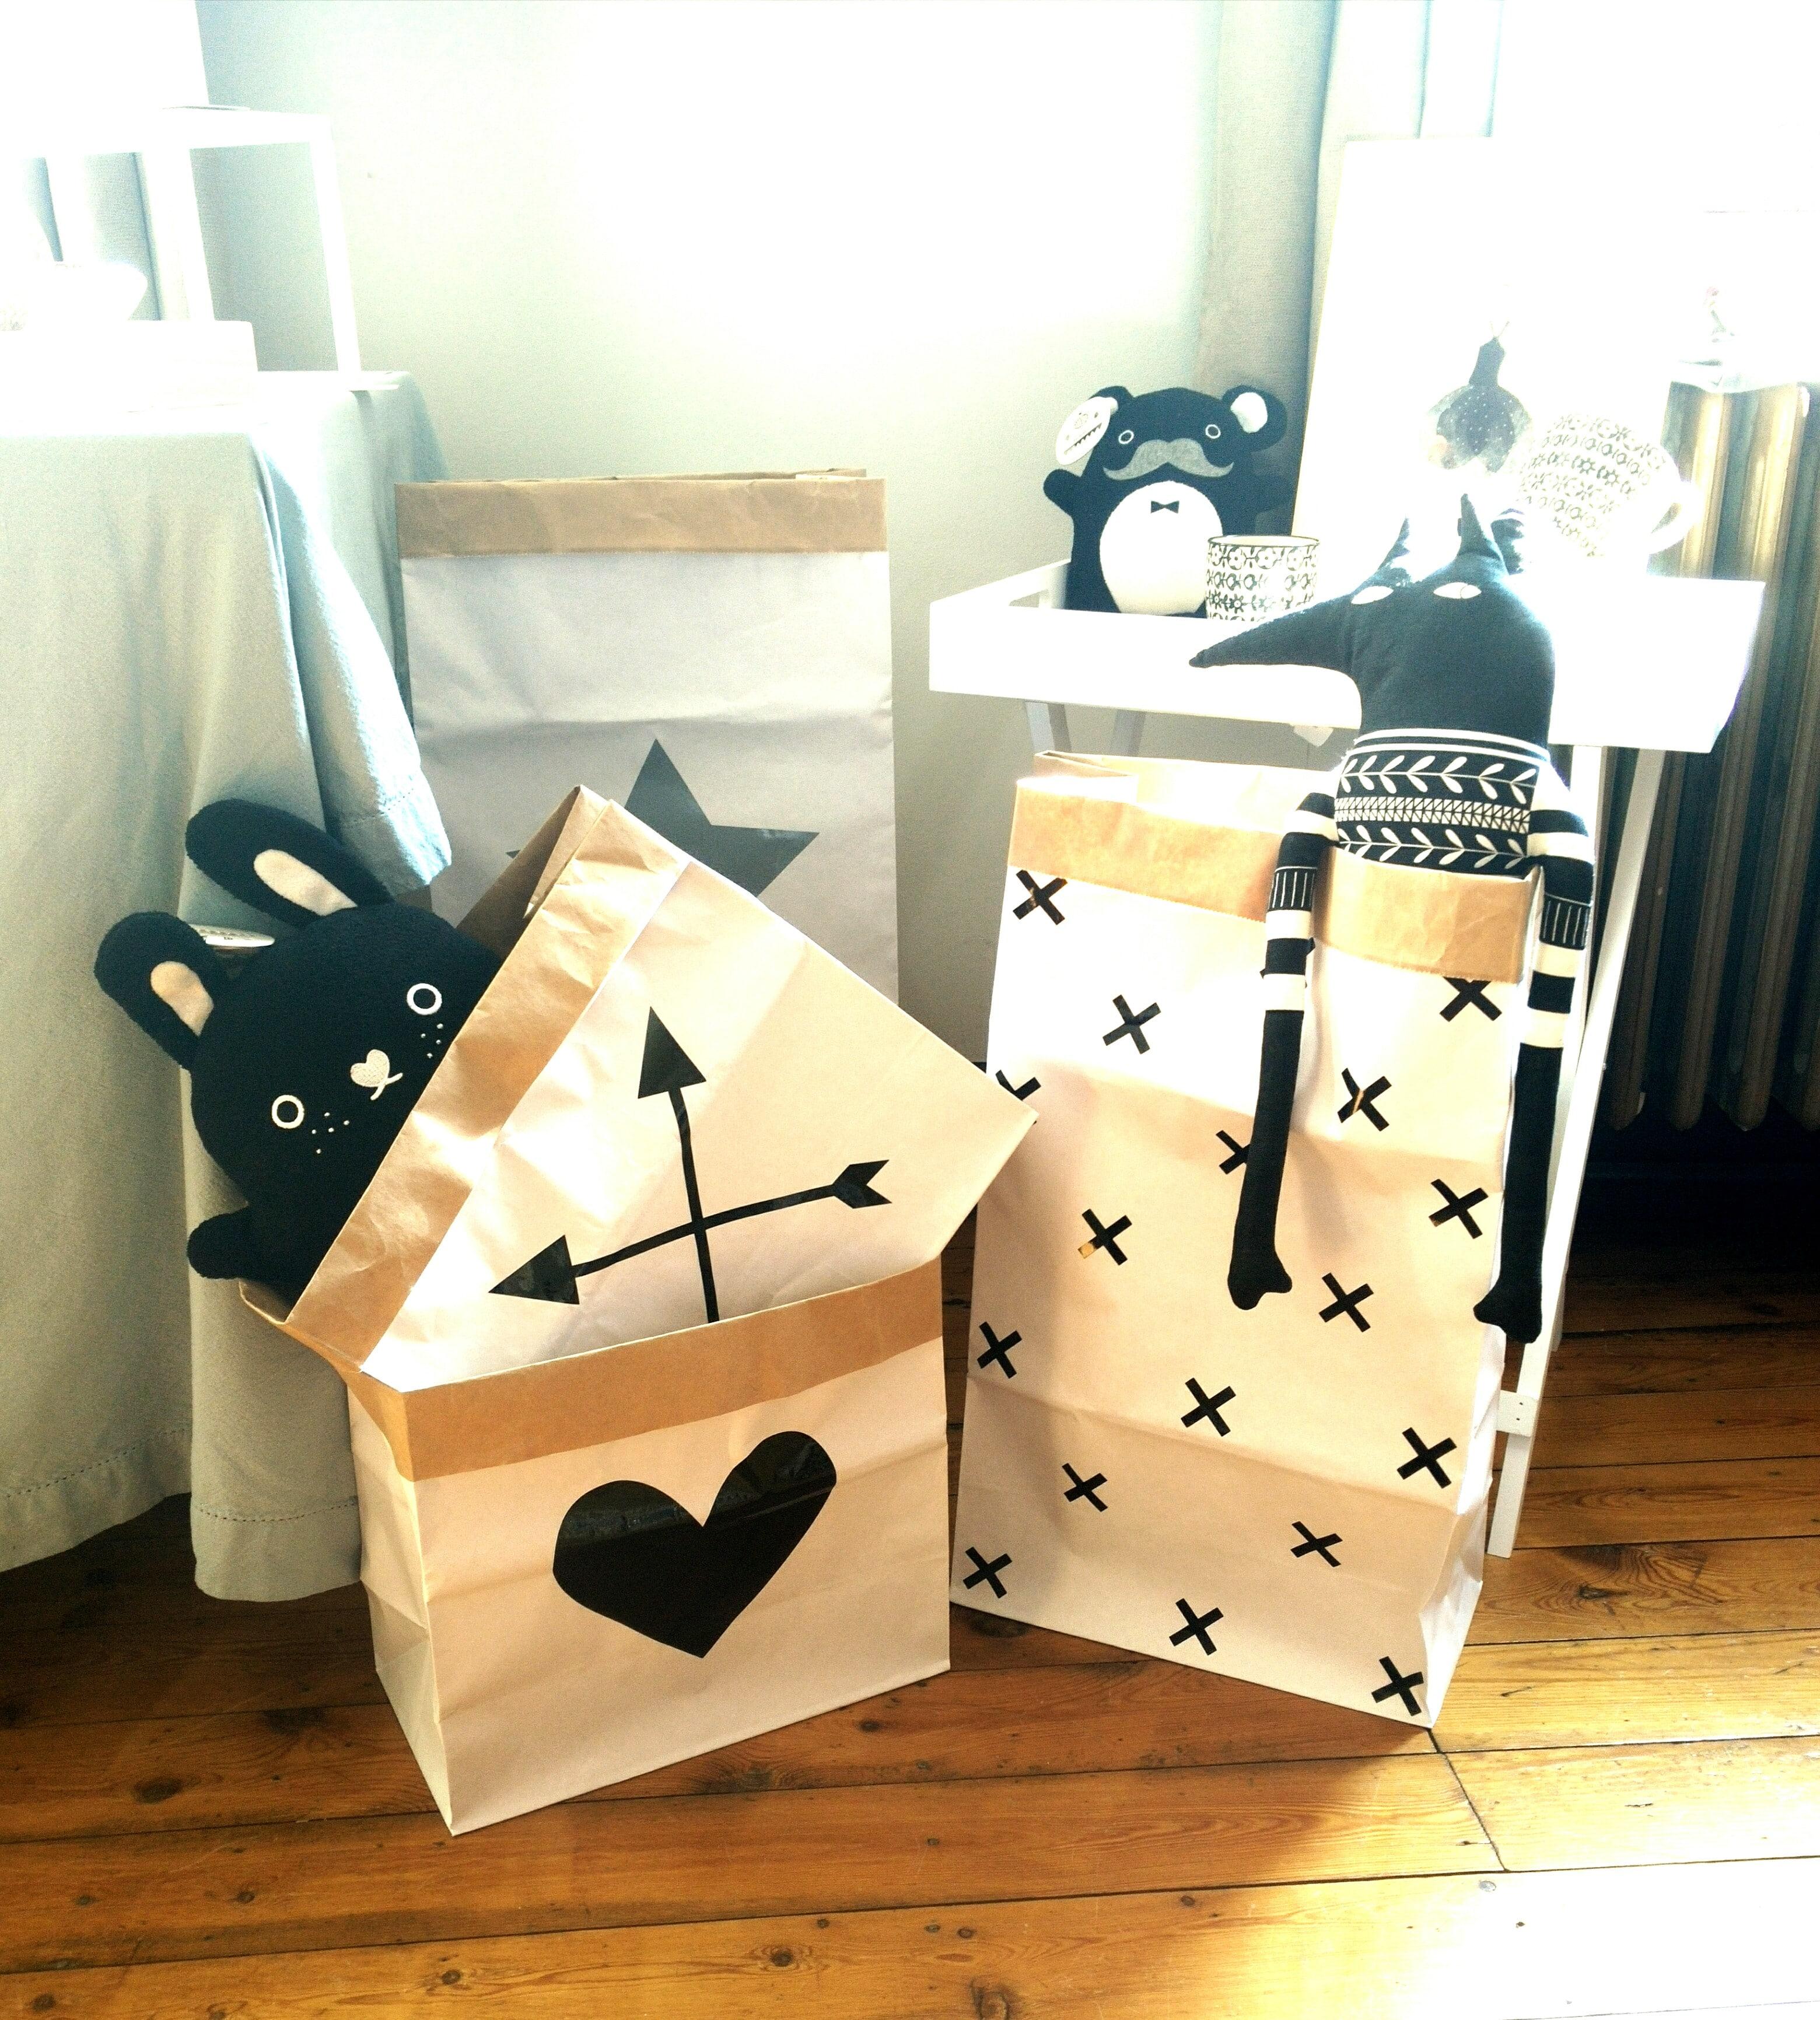 paper bag et doudous main sauvage chez lovely summer, site d'objets de décoration scandinave - chicon choc blog de bonnes adresses lilloises